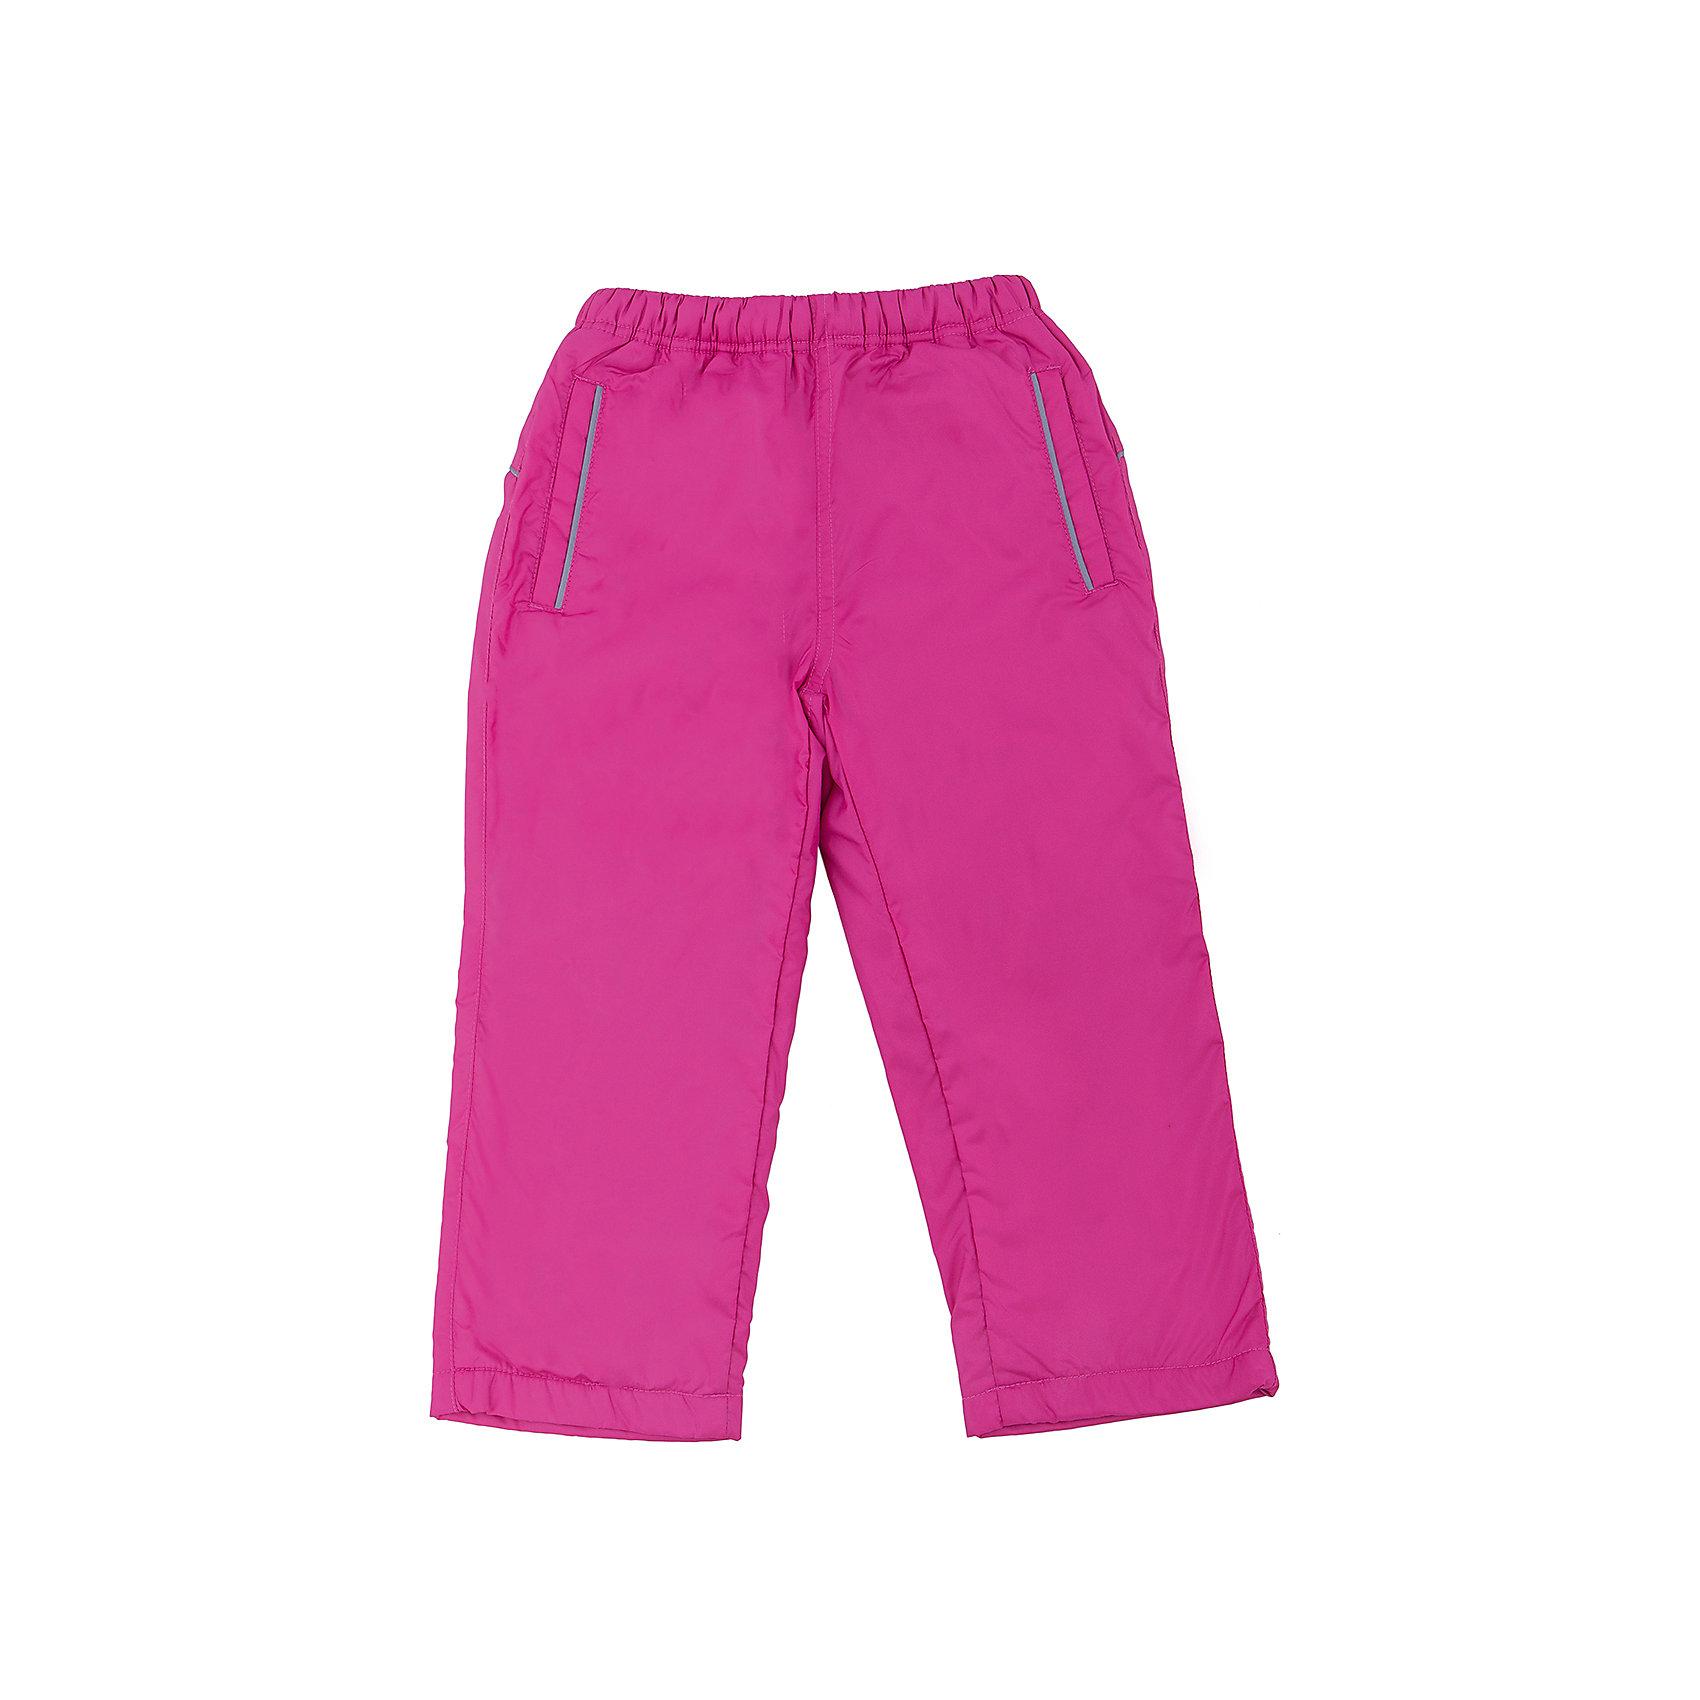 Брюки для девочки SELAСпортивная форма<br>Спортивные брюки - незаменимая вещь в детском гардеробе. Эта модель отлично сидит на ребенке, она сшита из лекгкого материала, который обеспечивает ребенку комфорт. Модель станет отличной базовой вещью, которая будет уместна в различных сочетаниях.<br>Одежда от бренда Sela (Села) - это качество по приемлемым ценам. Многие российские родители уже оценили преимущества продукции этой компании и всё чаще приобретают одежду и аксессуары Sela.<br><br>Дополнительная информация:<br><br>материал: 100% ПЭ; подкладка:100% ПЭ;<br>удобная посадка;<br>резинка в поясе.<br><br>Брюки для девочки от бренда Sela можно купить в нашем интернет-магазине.<br><br>Ширина мм: 215<br>Глубина мм: 88<br>Высота мм: 191<br>Вес г: 336<br>Цвет: розовый<br>Возраст от месяцев: 60<br>Возраст до месяцев: 72<br>Пол: Женский<br>Возраст: Детский<br>Размер: 116,92,98,104,110<br>SKU: 4919363